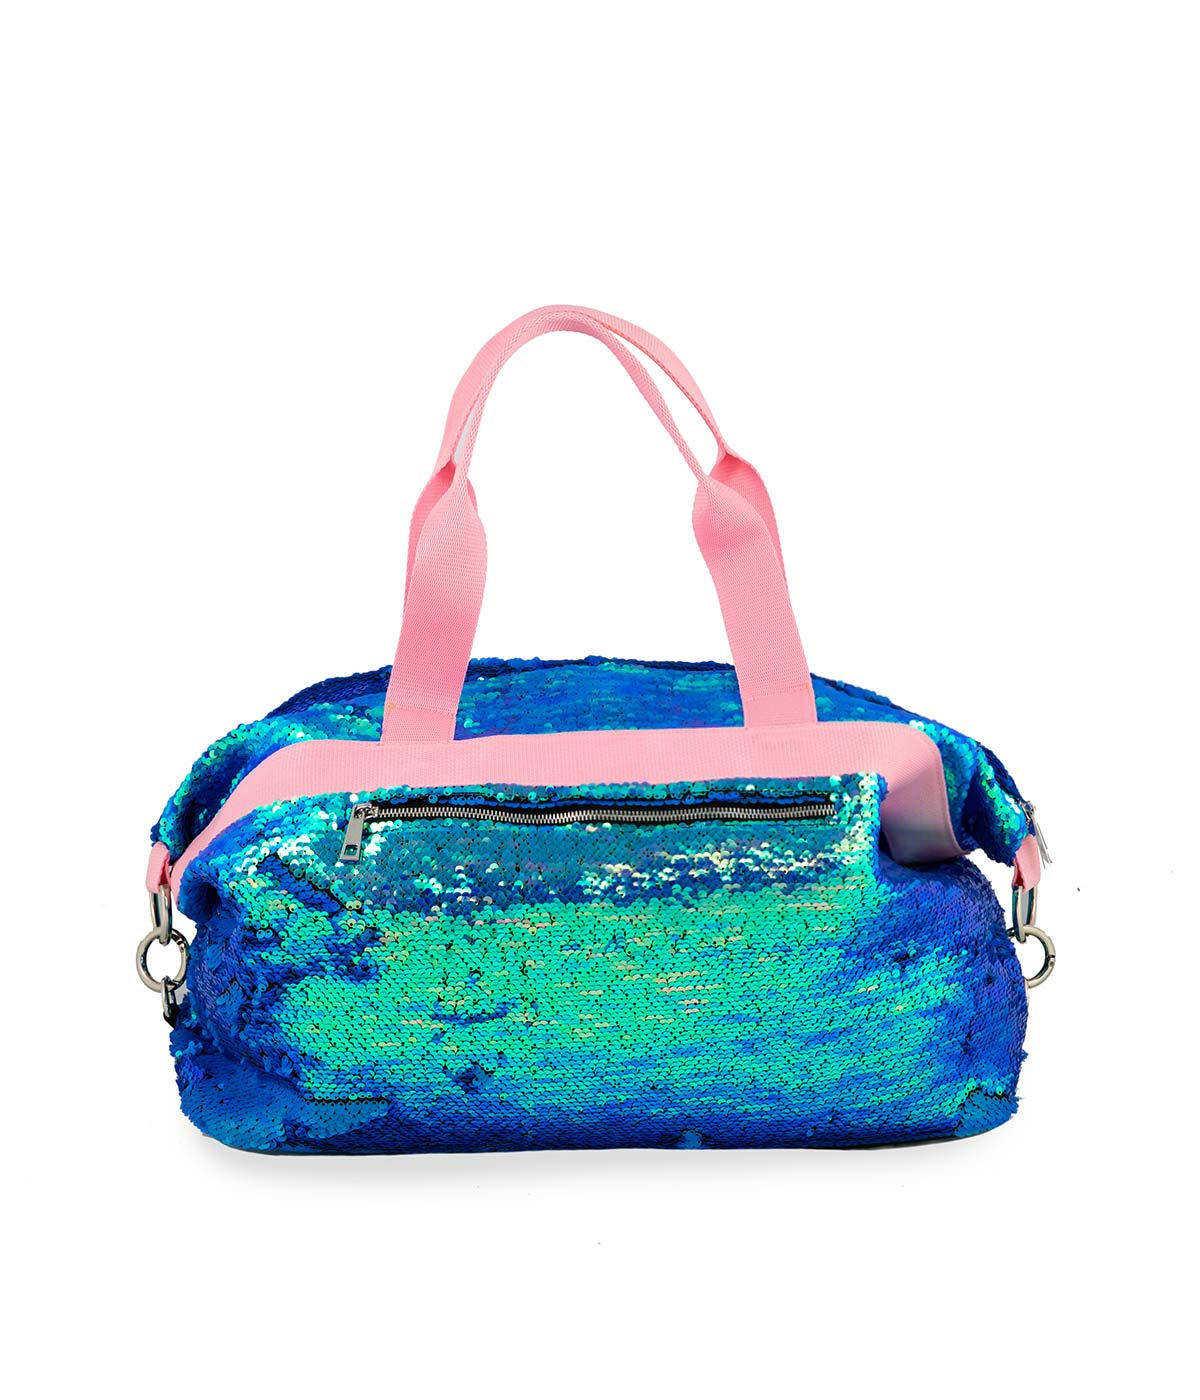 Borsone Borsa Grande Paillettes Azzurra Quitto Bags